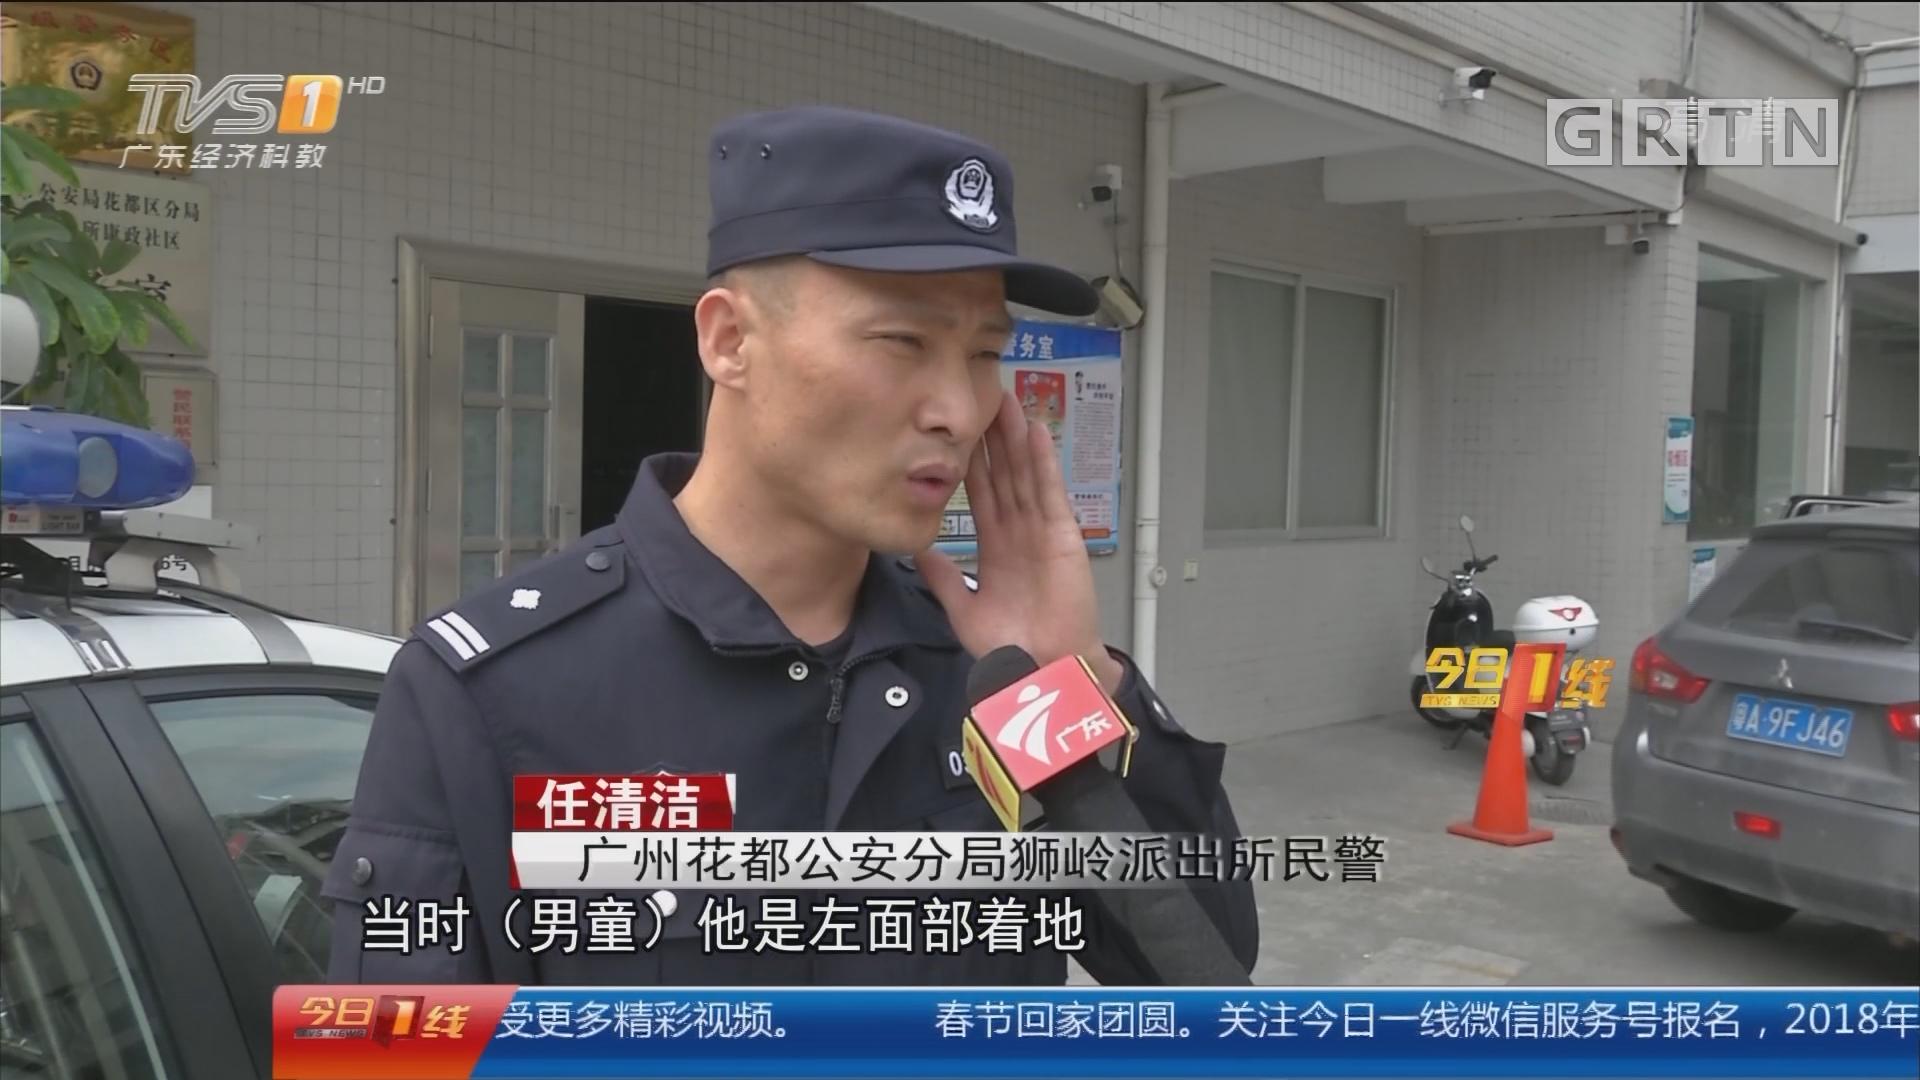 """系列专栏""""温度"""":广州 男童被卷车底 警民联手抬车救人"""